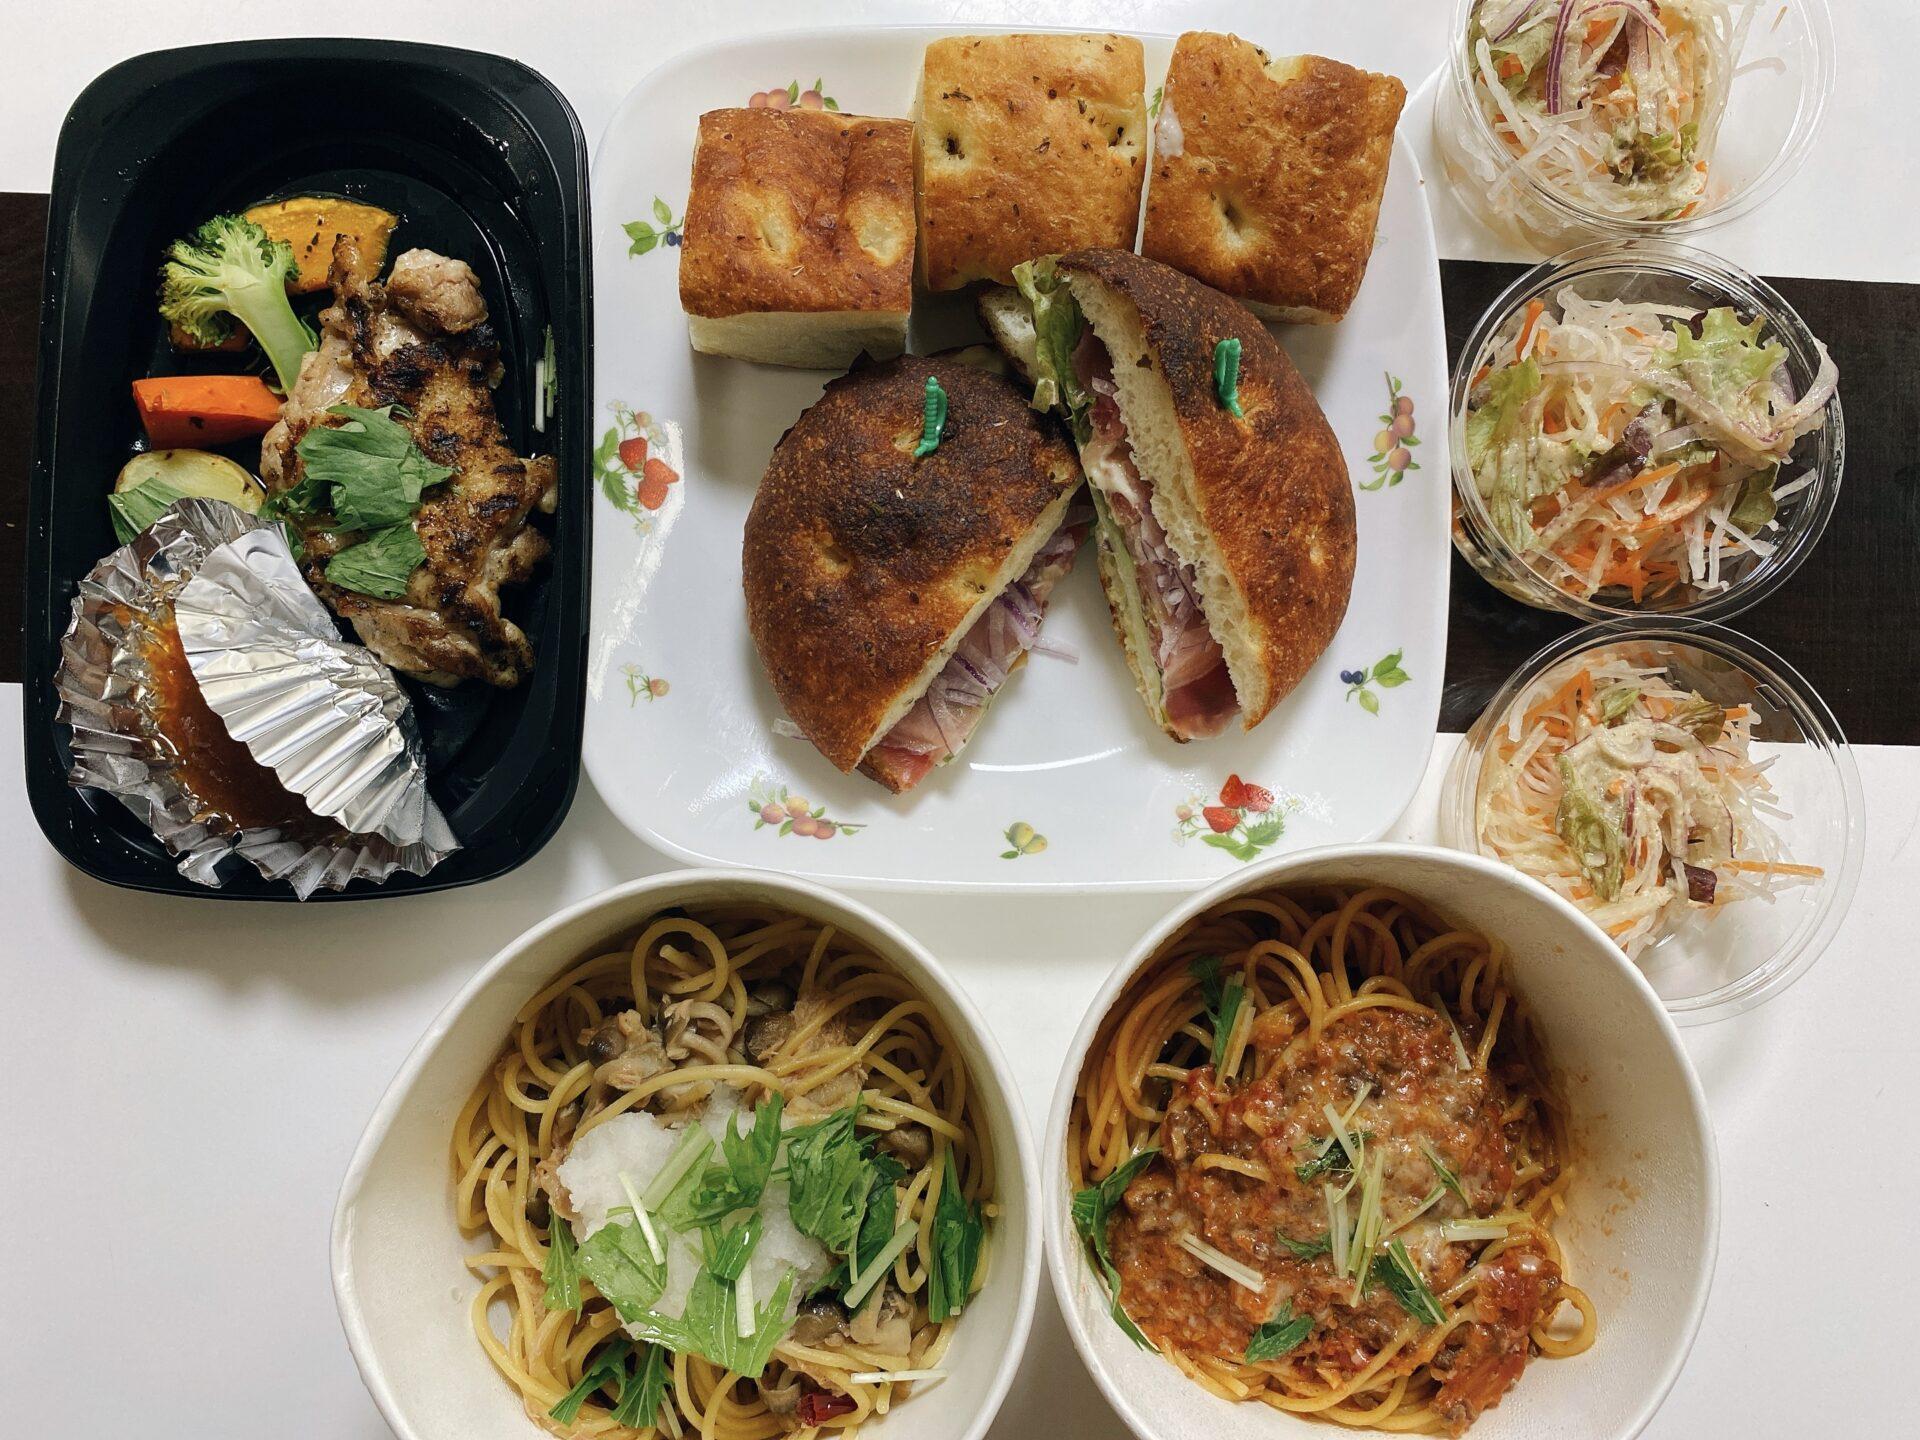 【岡山市北区のテイクアウト】シーズナルキッチン Yon-Sun(ヨンサン)のパスタランチとフォカッチャサンドを持ち帰り